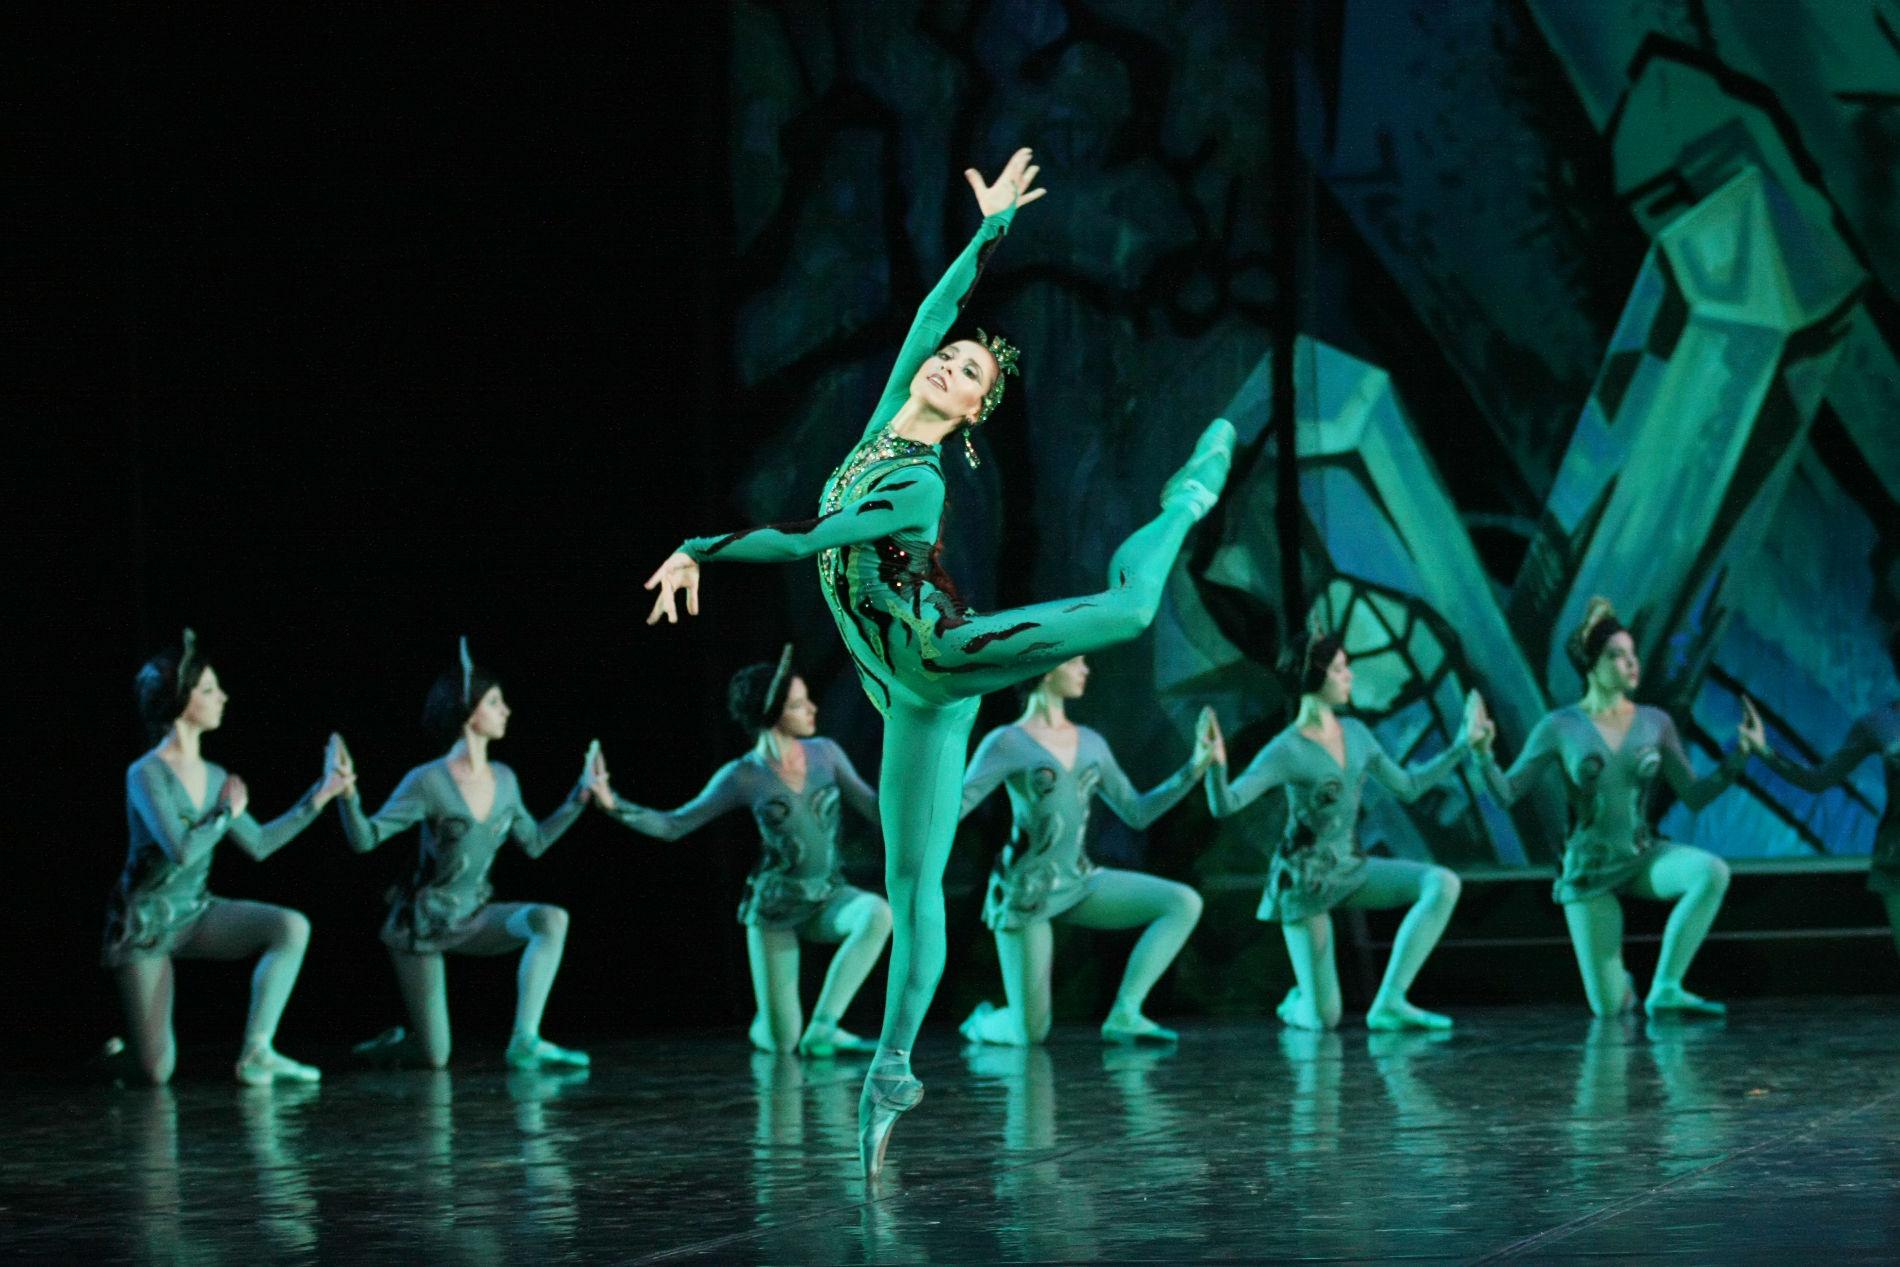 О балете каменный цветок история создания музыка